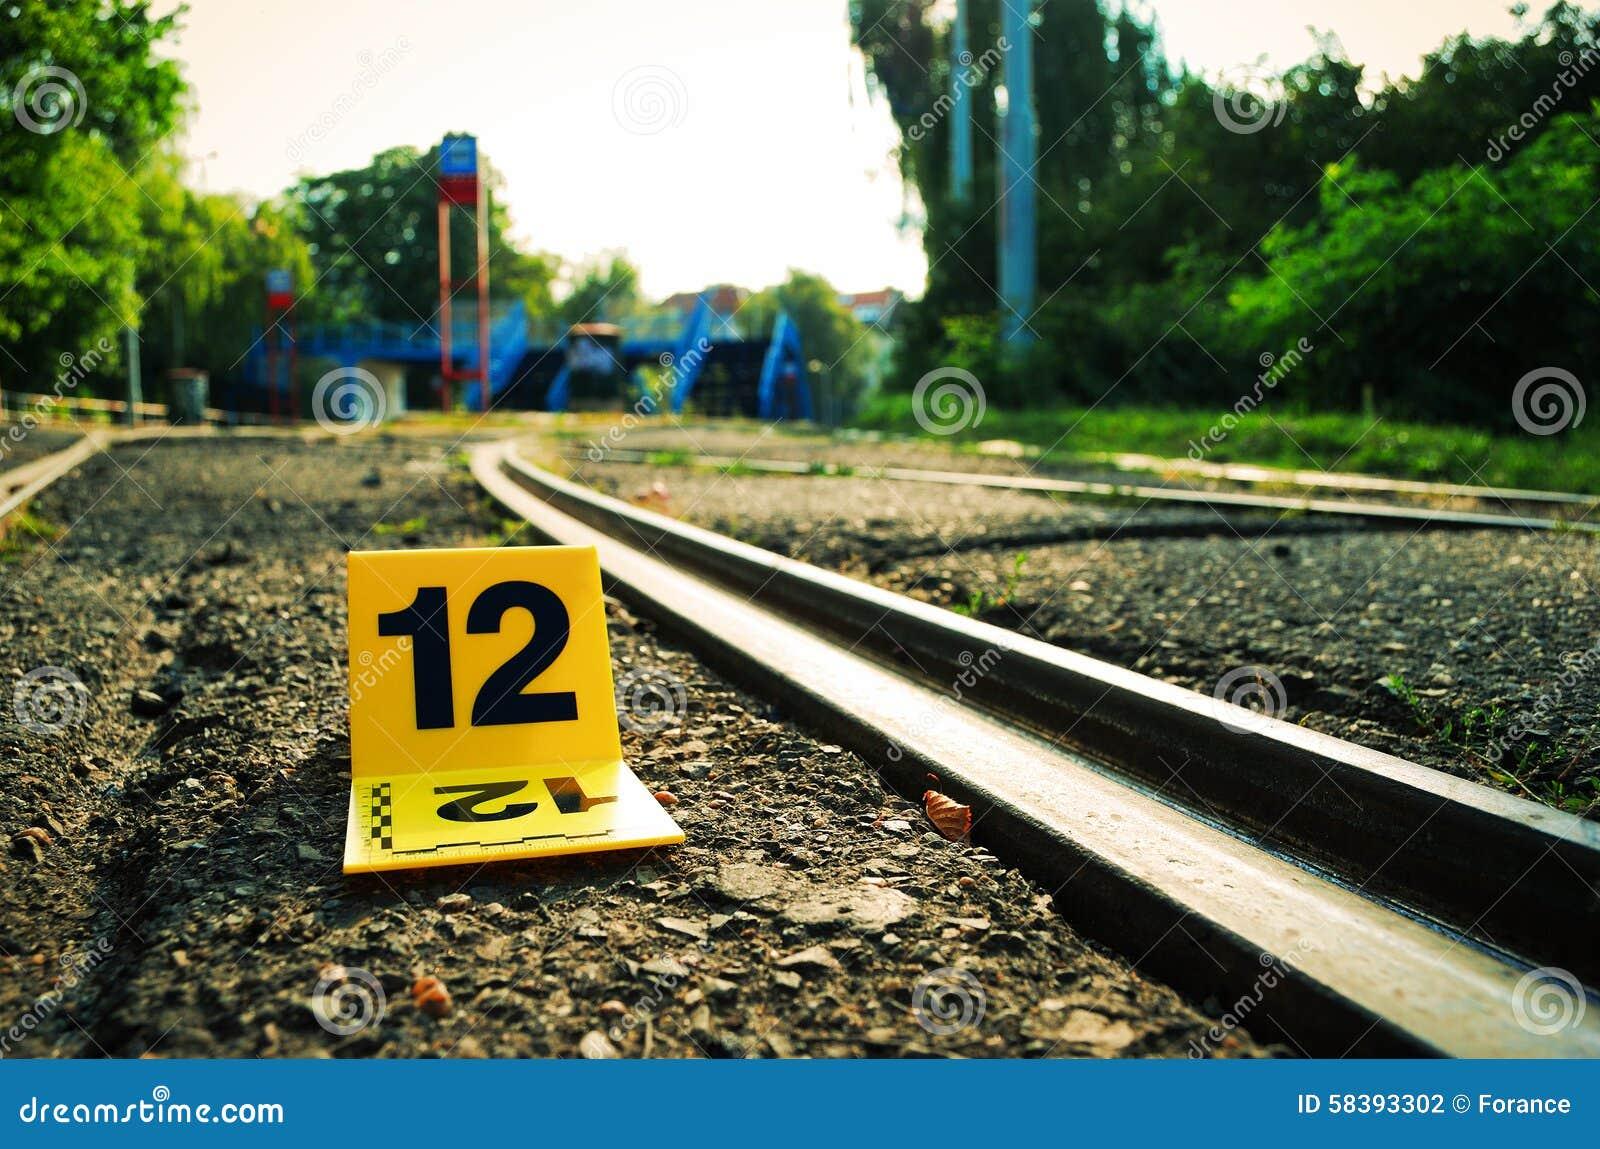 Marcador da evidência da cena do crime próximo aos trilhos